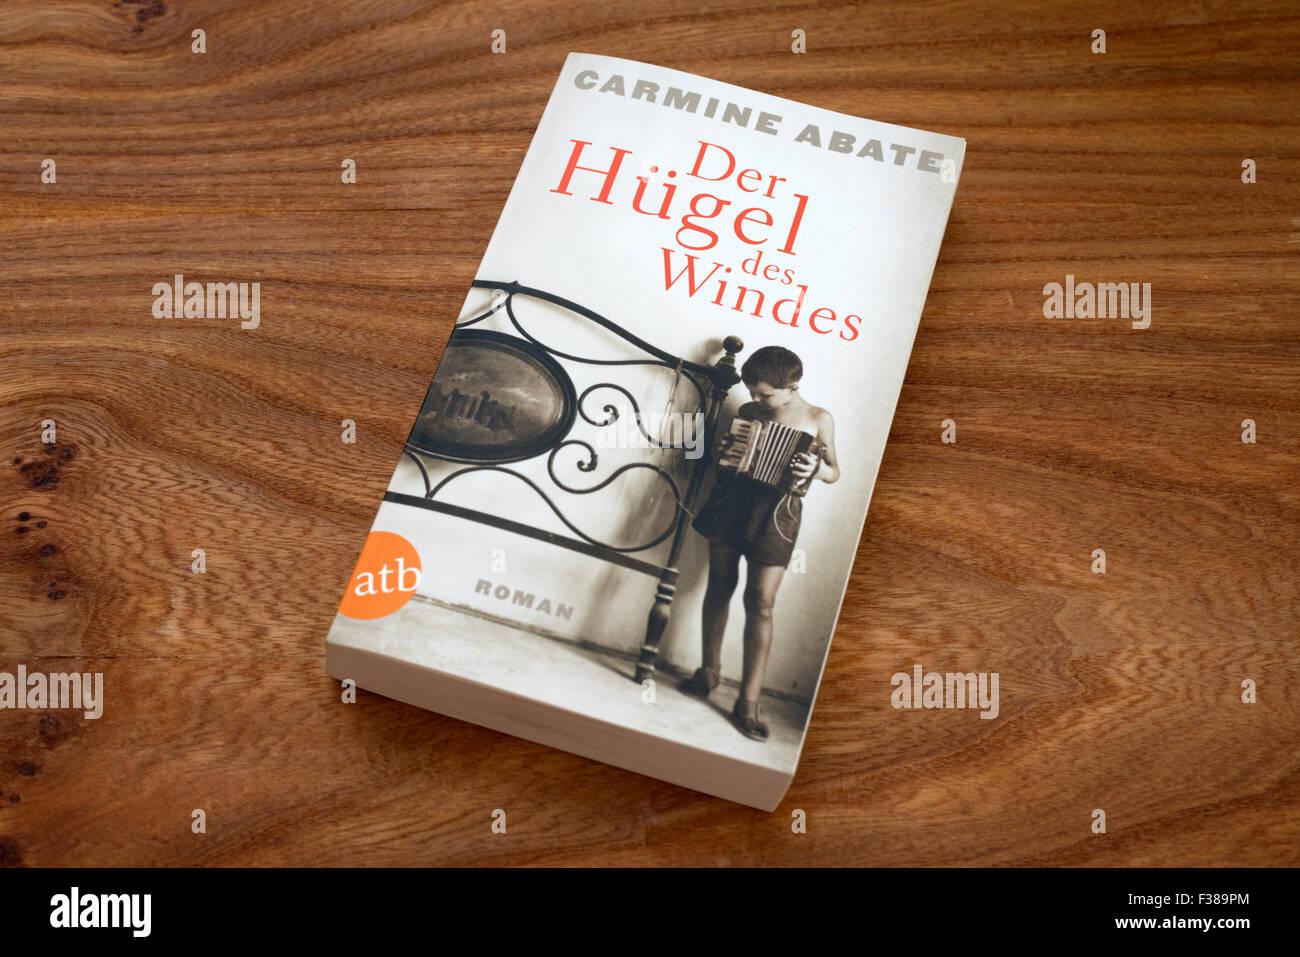 Carmine Abate Der Hugel des Windes paperback book Stock Photo